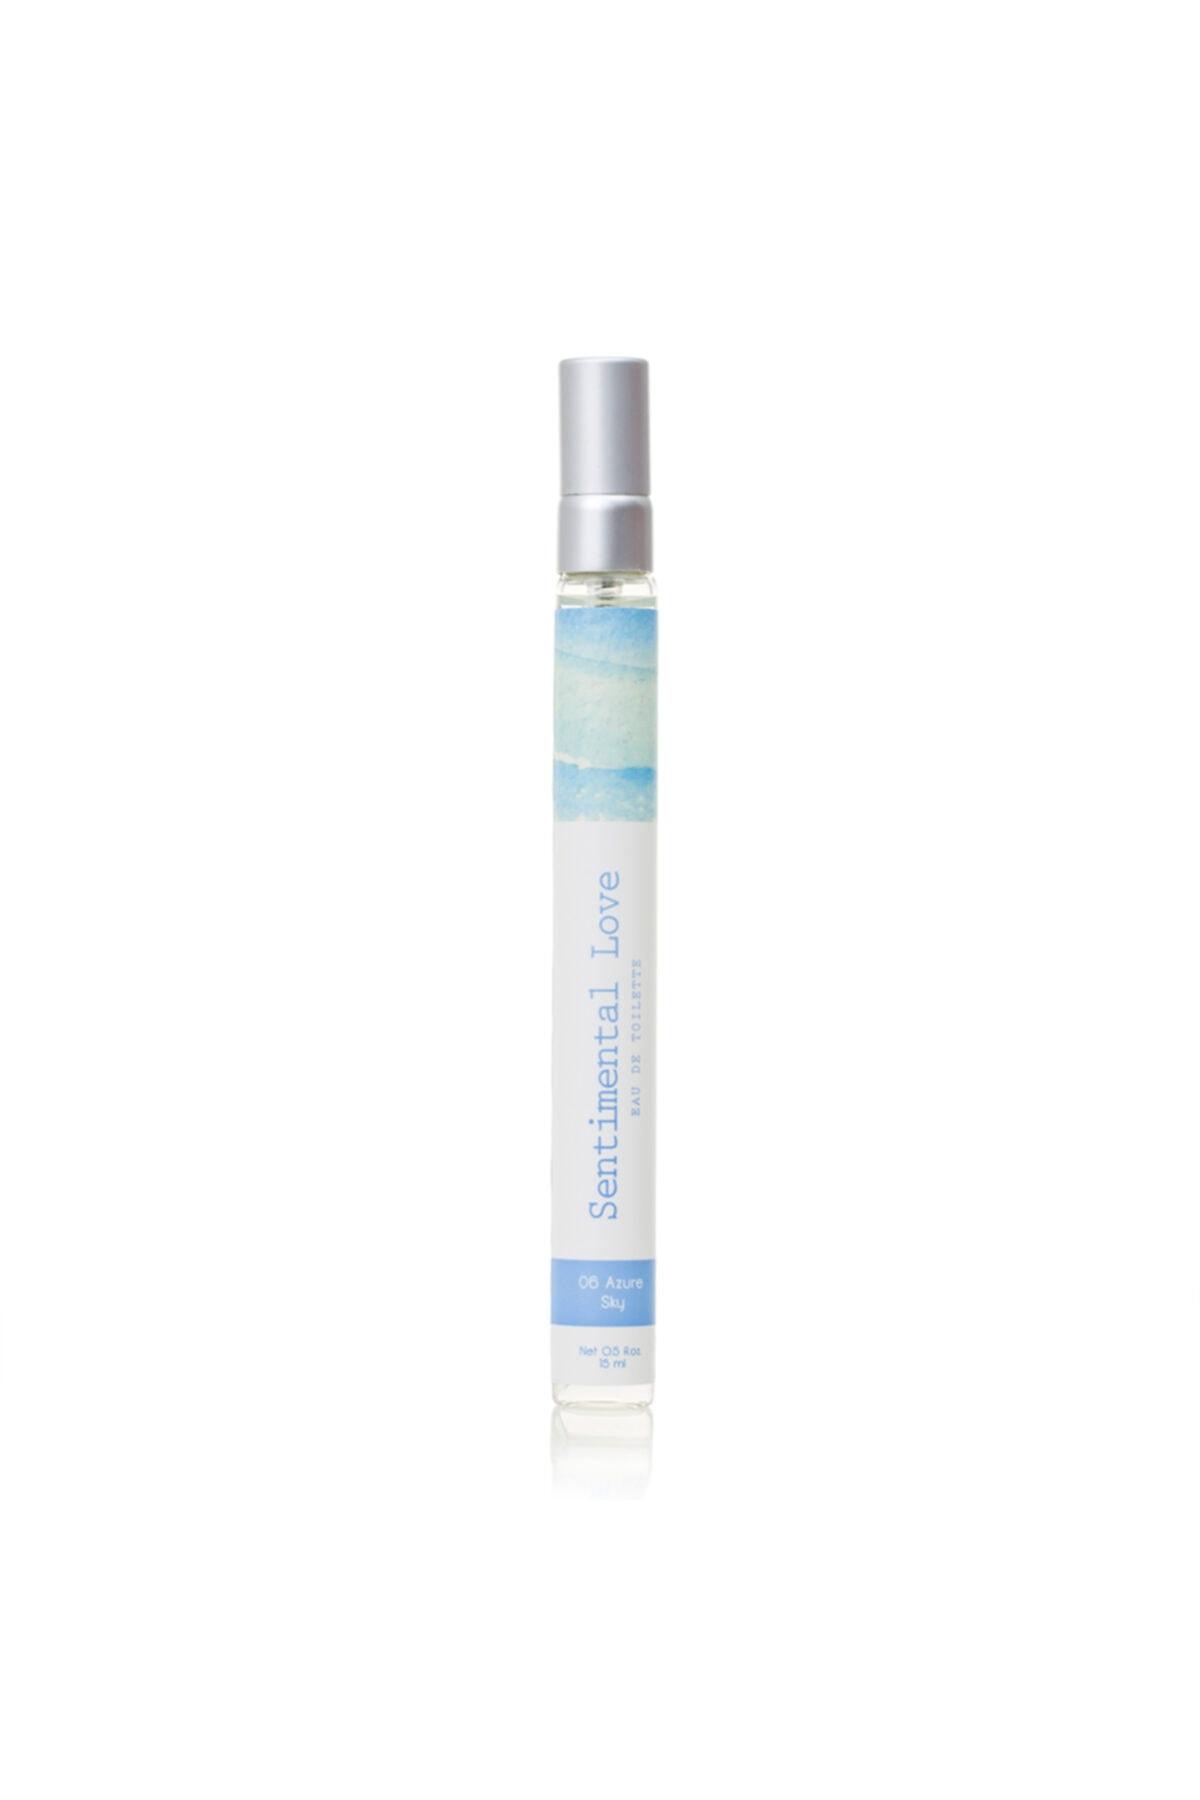 Miniso Mınıso Kadın Parfüm (06 Azure Sky) 15ml 1